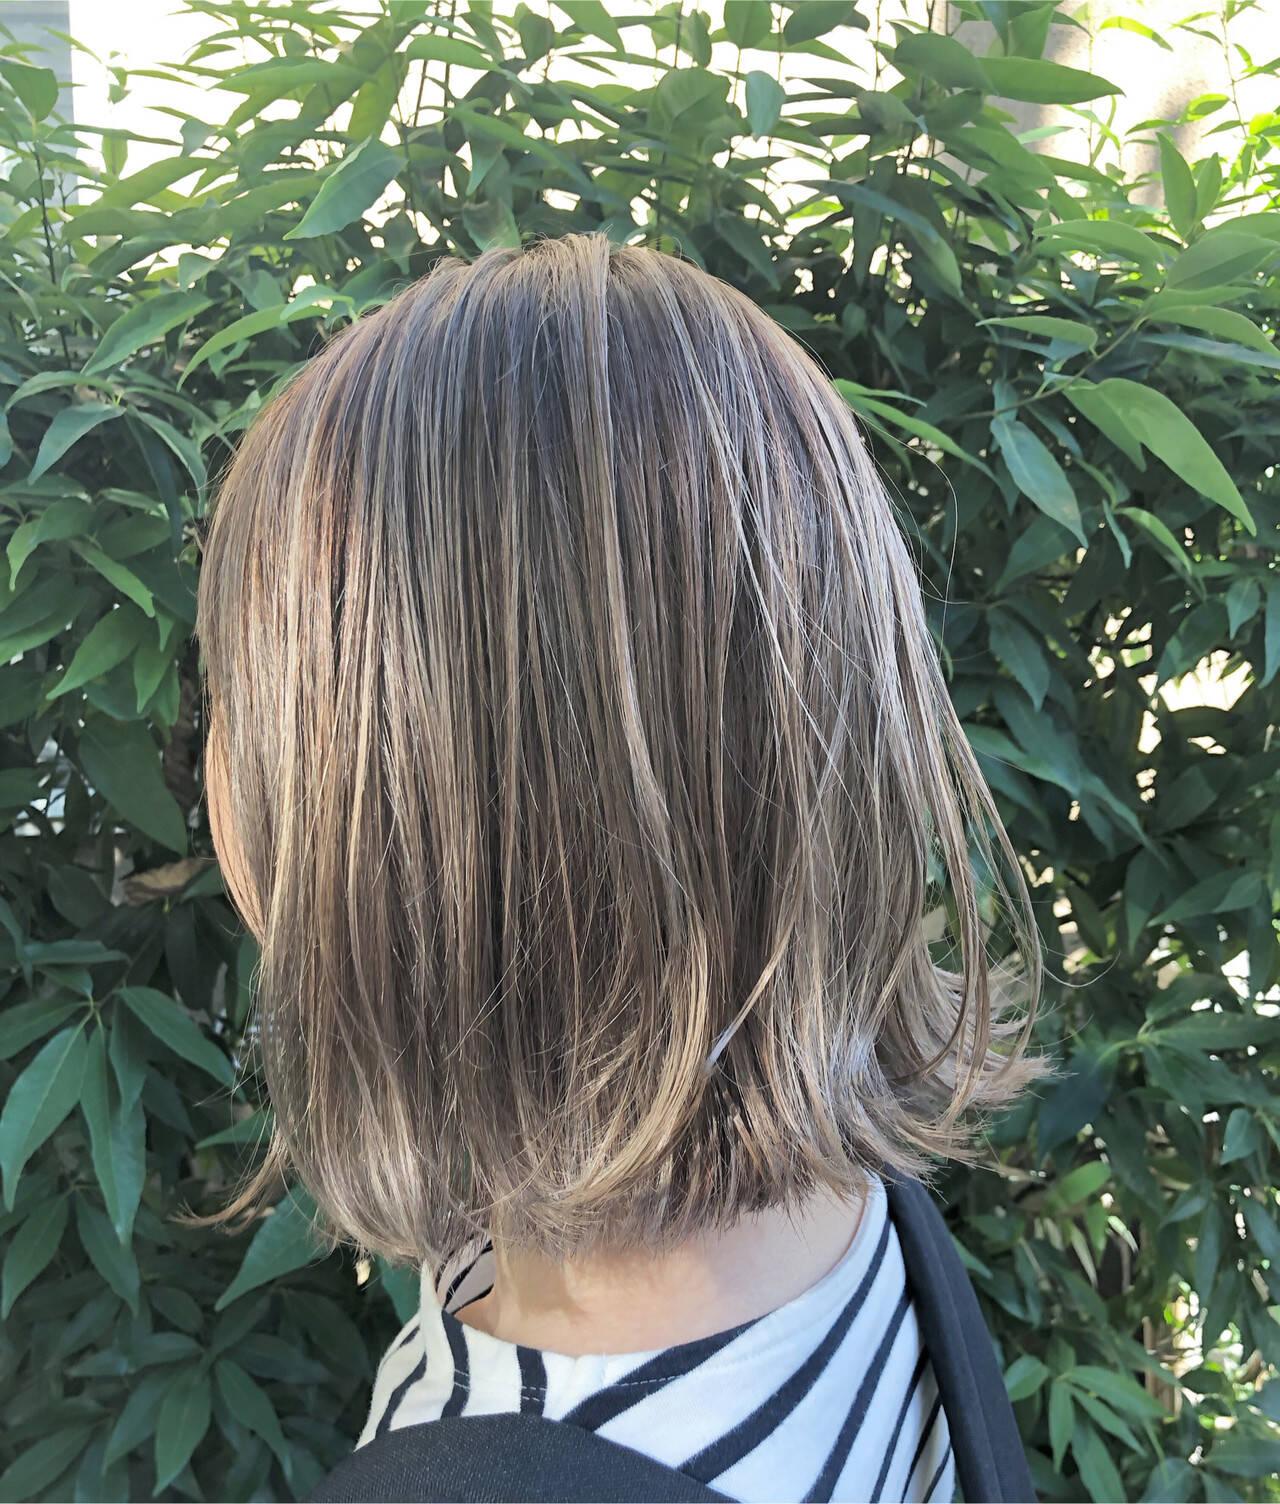 グラデーションカラー ユニコーンカラー ボブ インナーカラーヘアスタイルや髪型の写真・画像